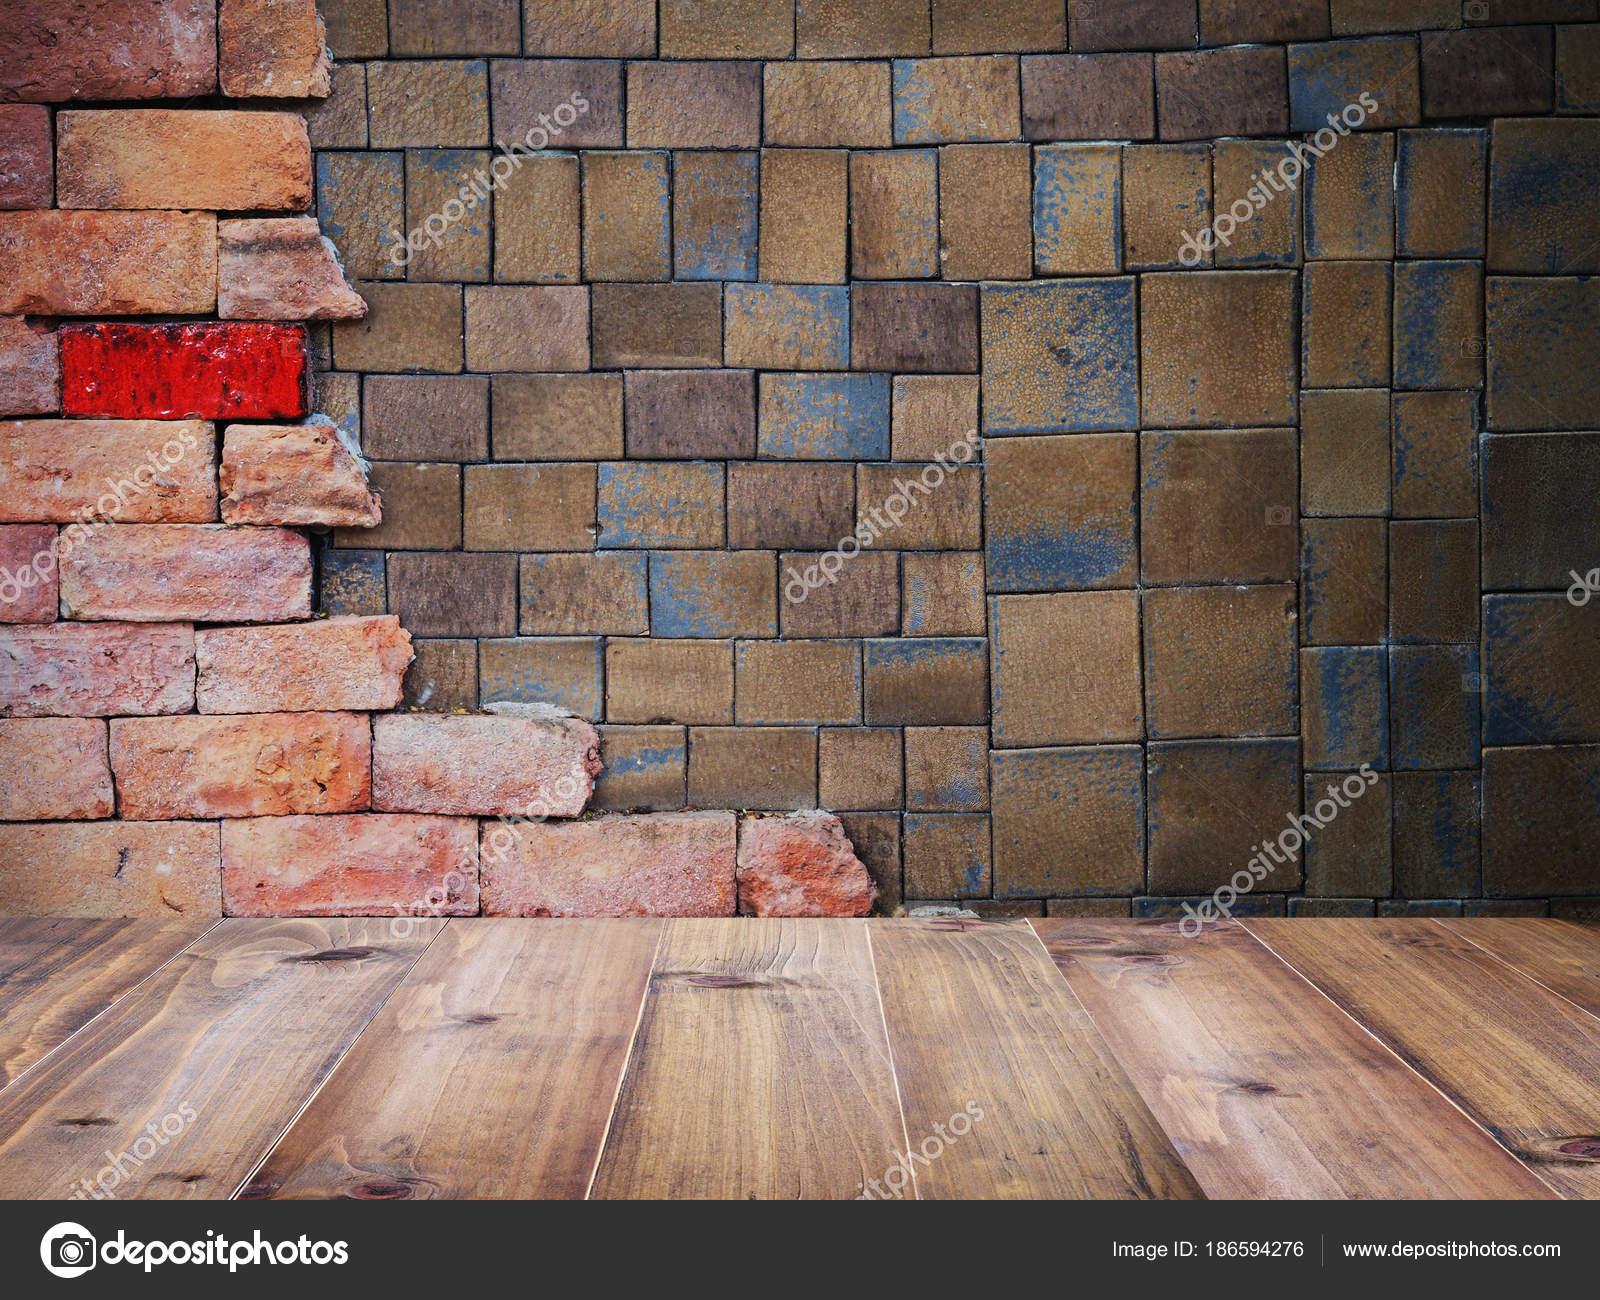 Legno tavolo quadrato argilla piastrelle e mattoni parete modello